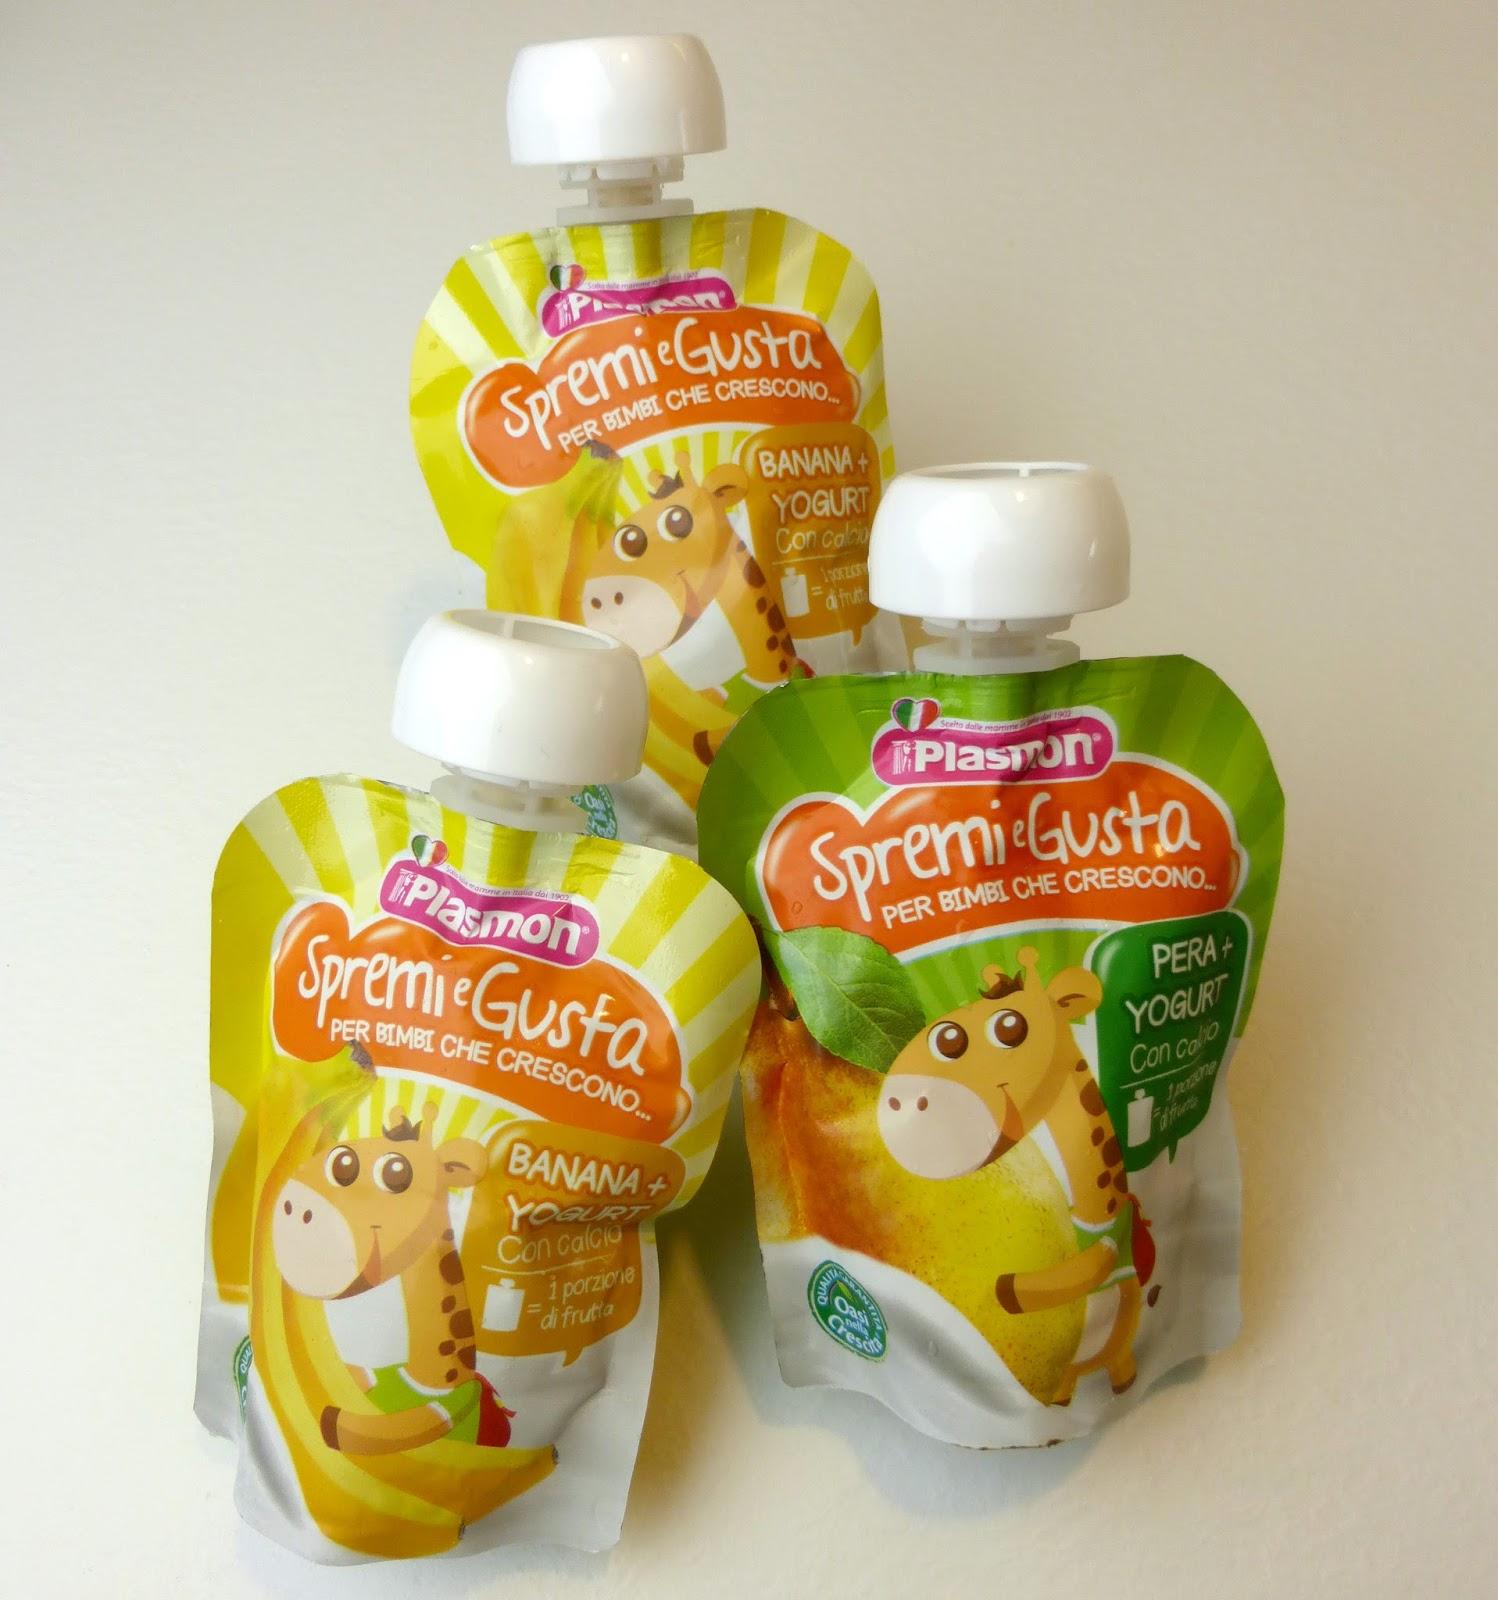 Il secondo prodotto si presenta in un formato ancora pi¹ innovativo e adatto al periodo estivo ma non solo Si tratta ancora una volta di uno yogurt con